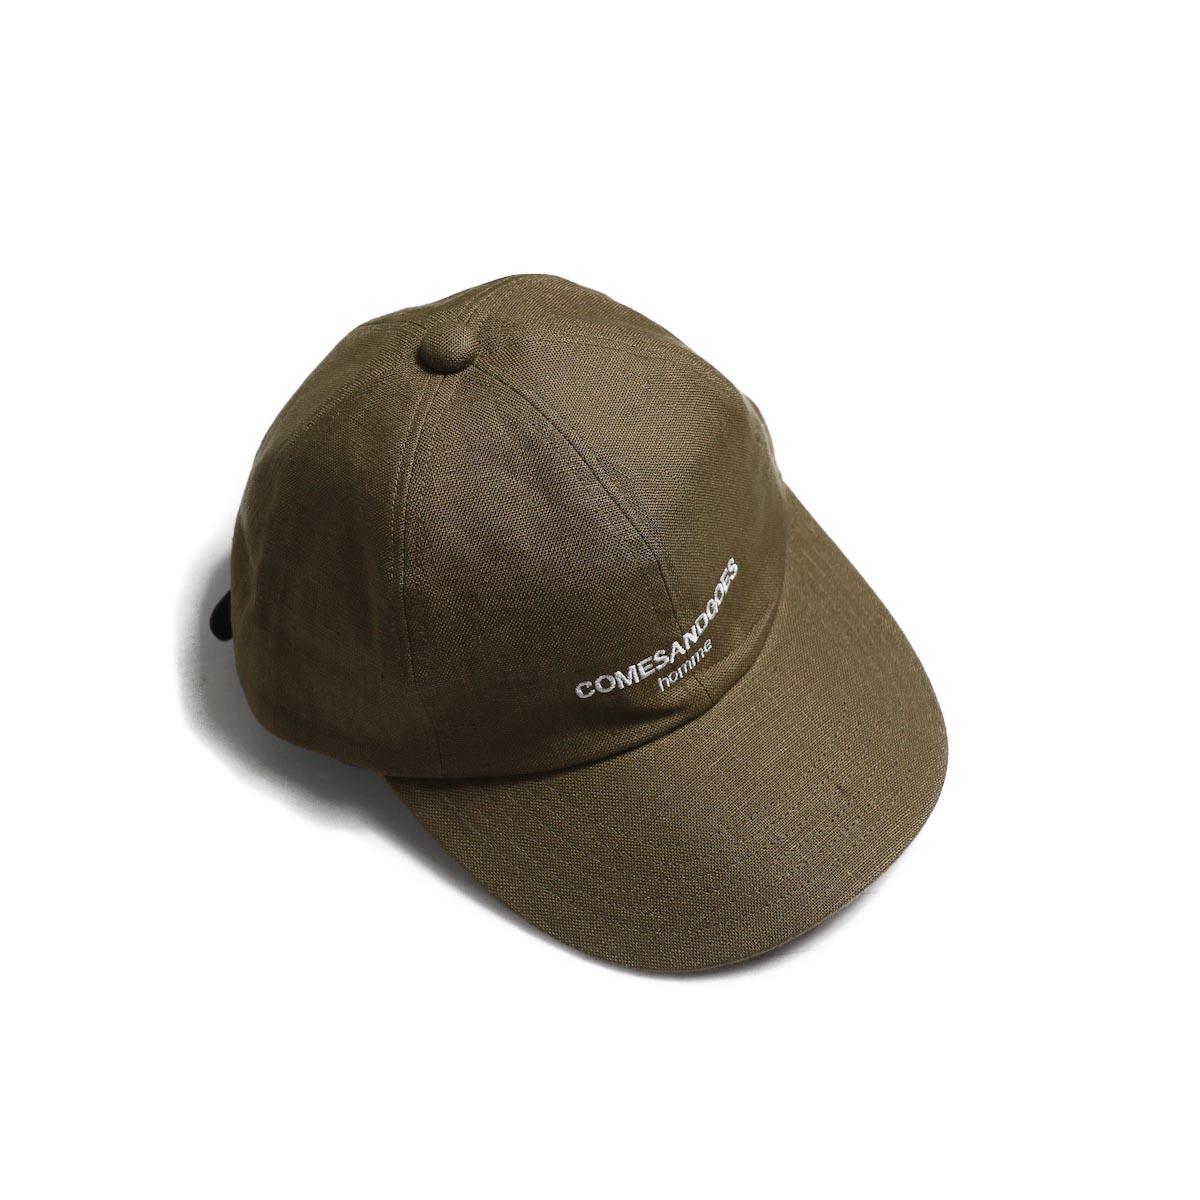 COMESANDGOES / COMES Homme Linen Cap (NO.14518) Beige